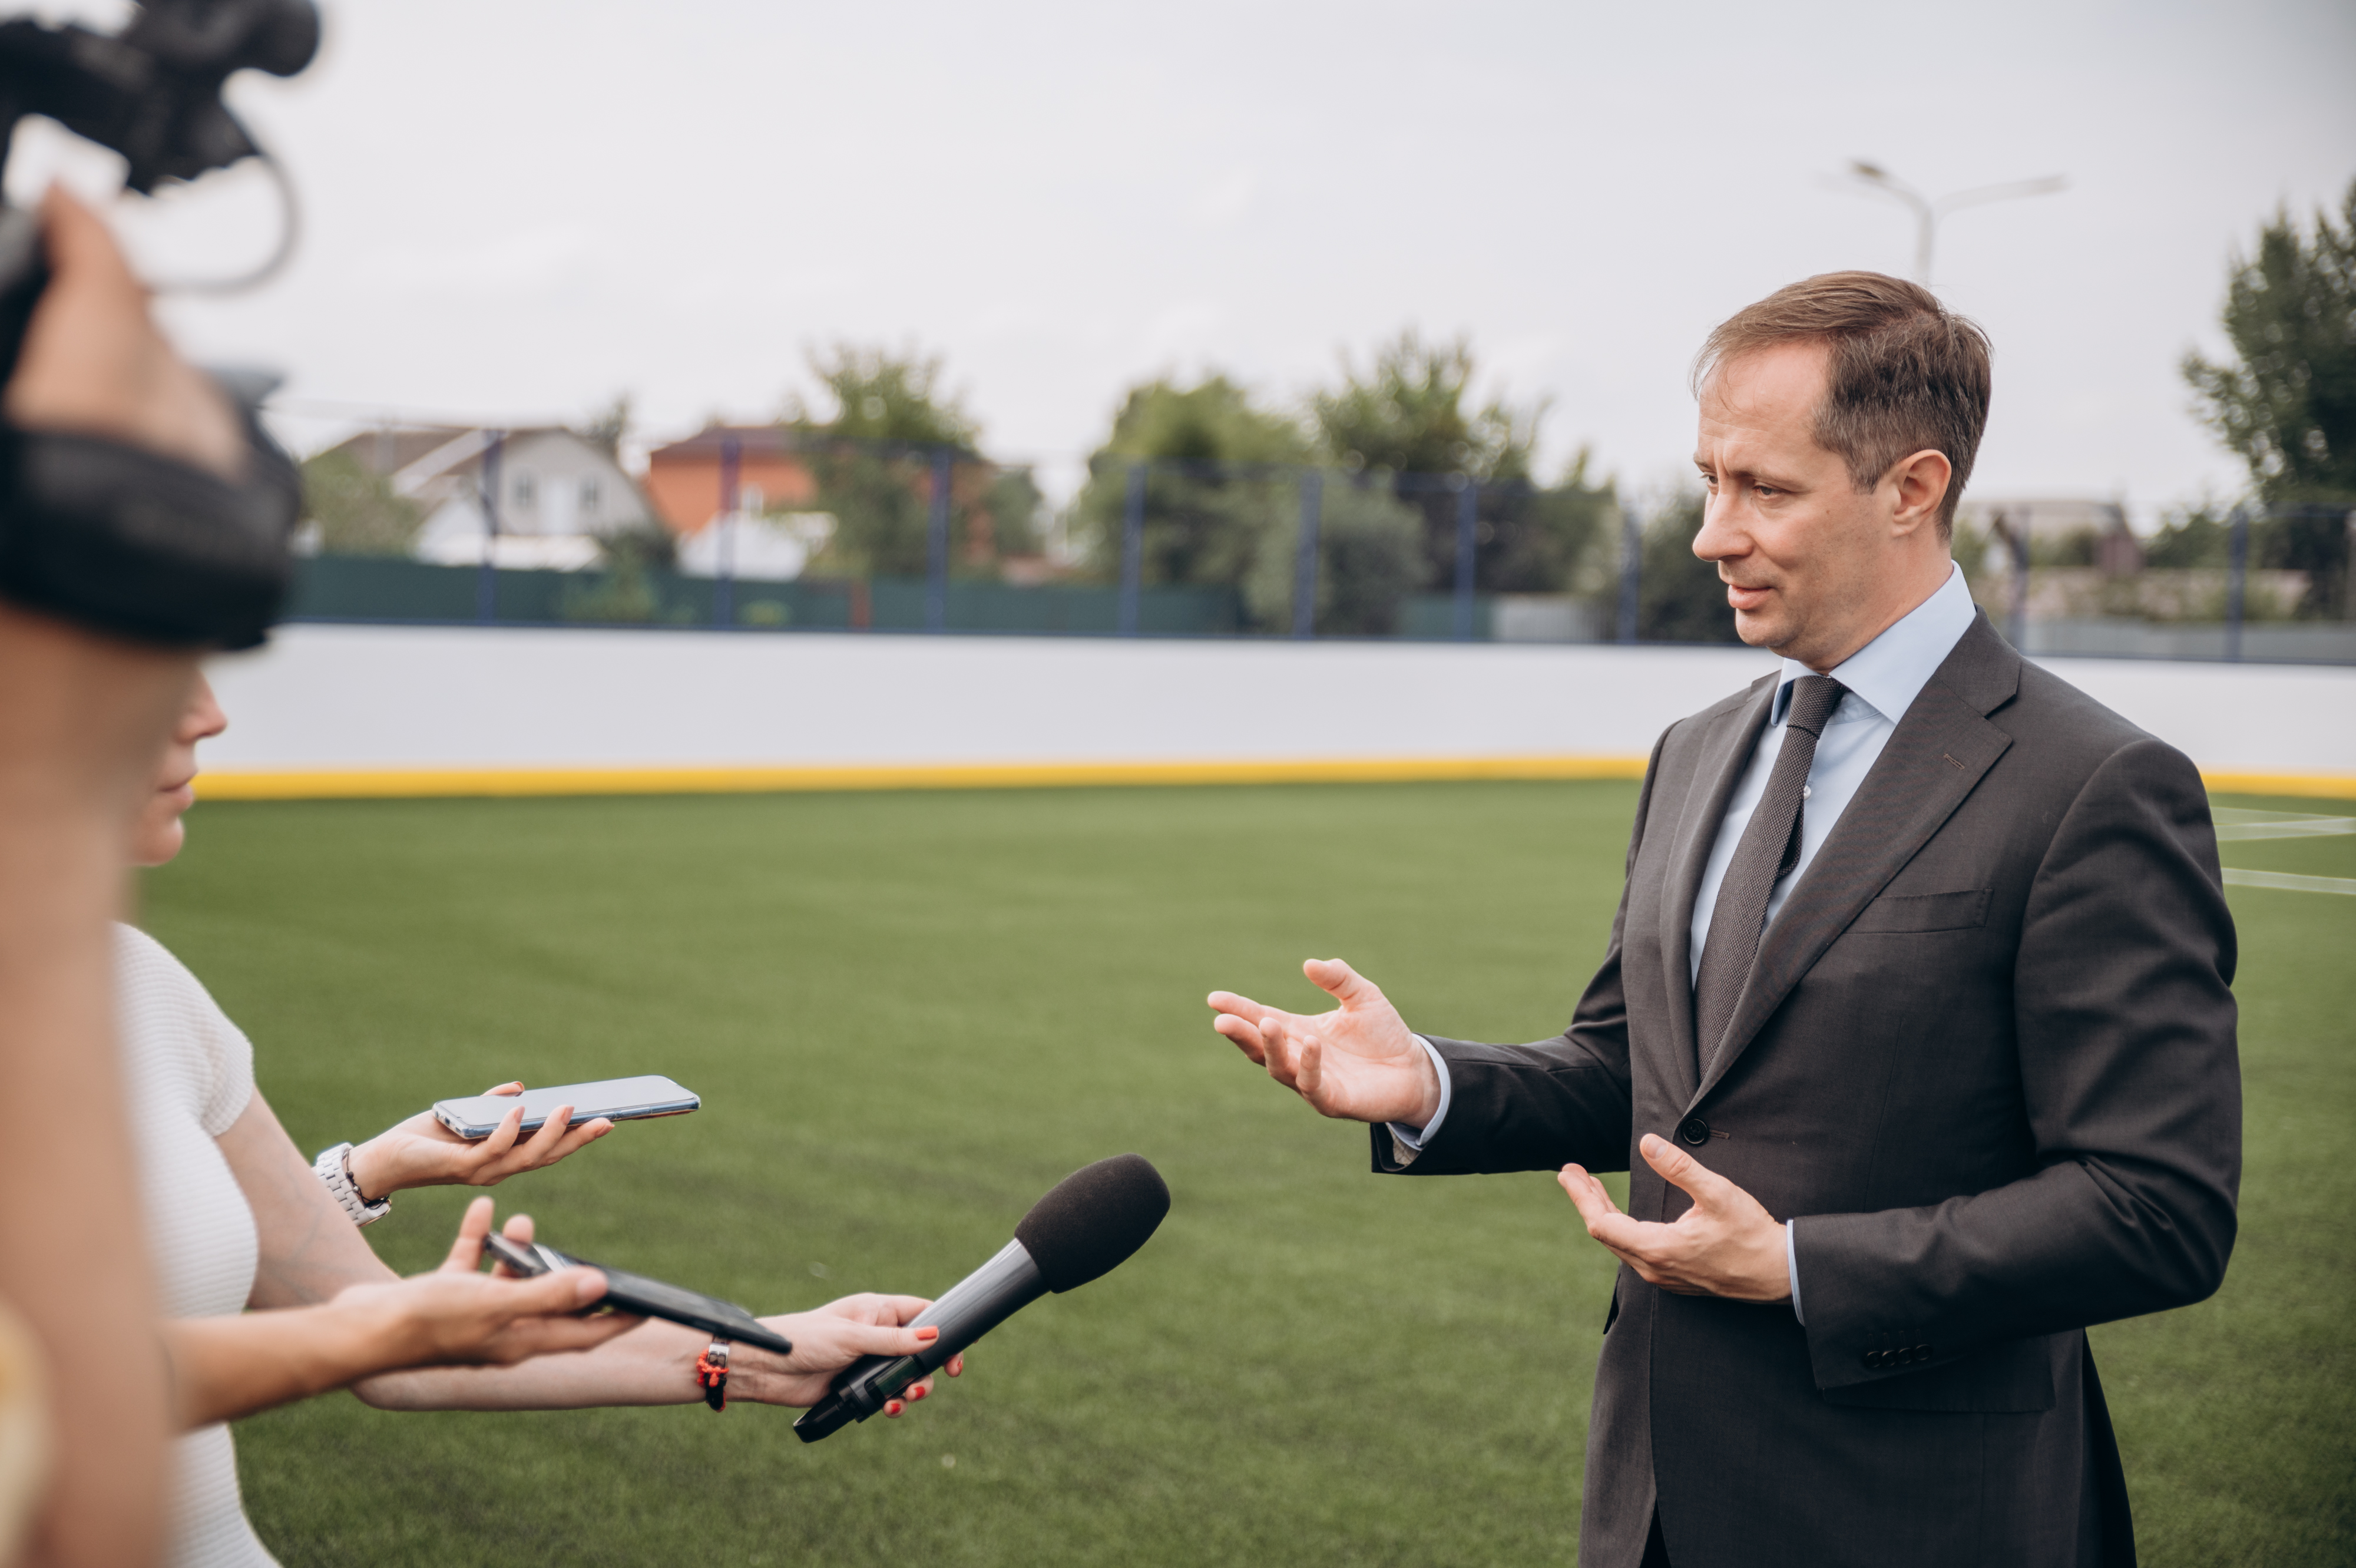 В Раменском округе появится ещё один крупный спортивный объект